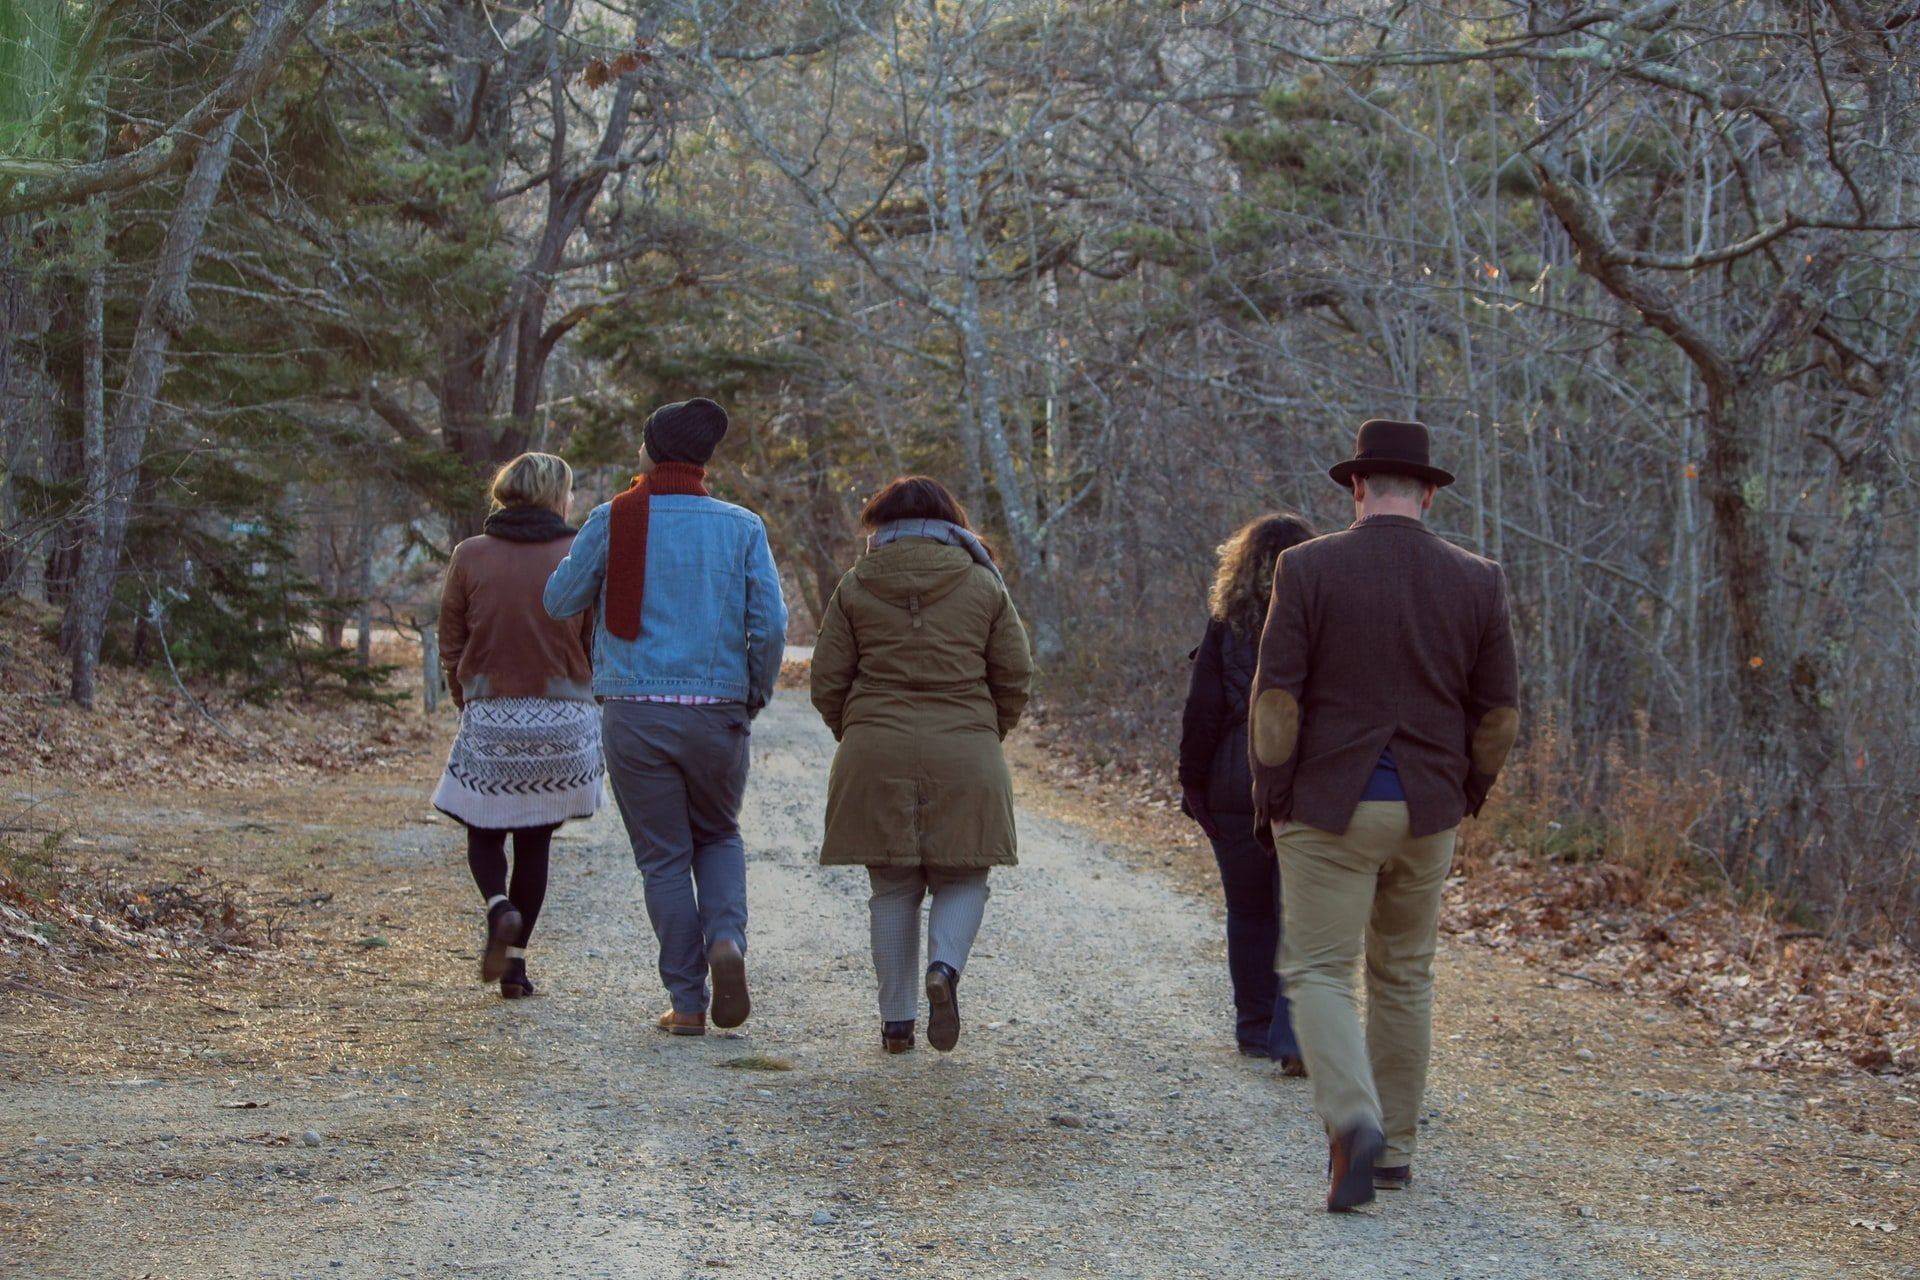 Birlikte yürüyen insanlar.